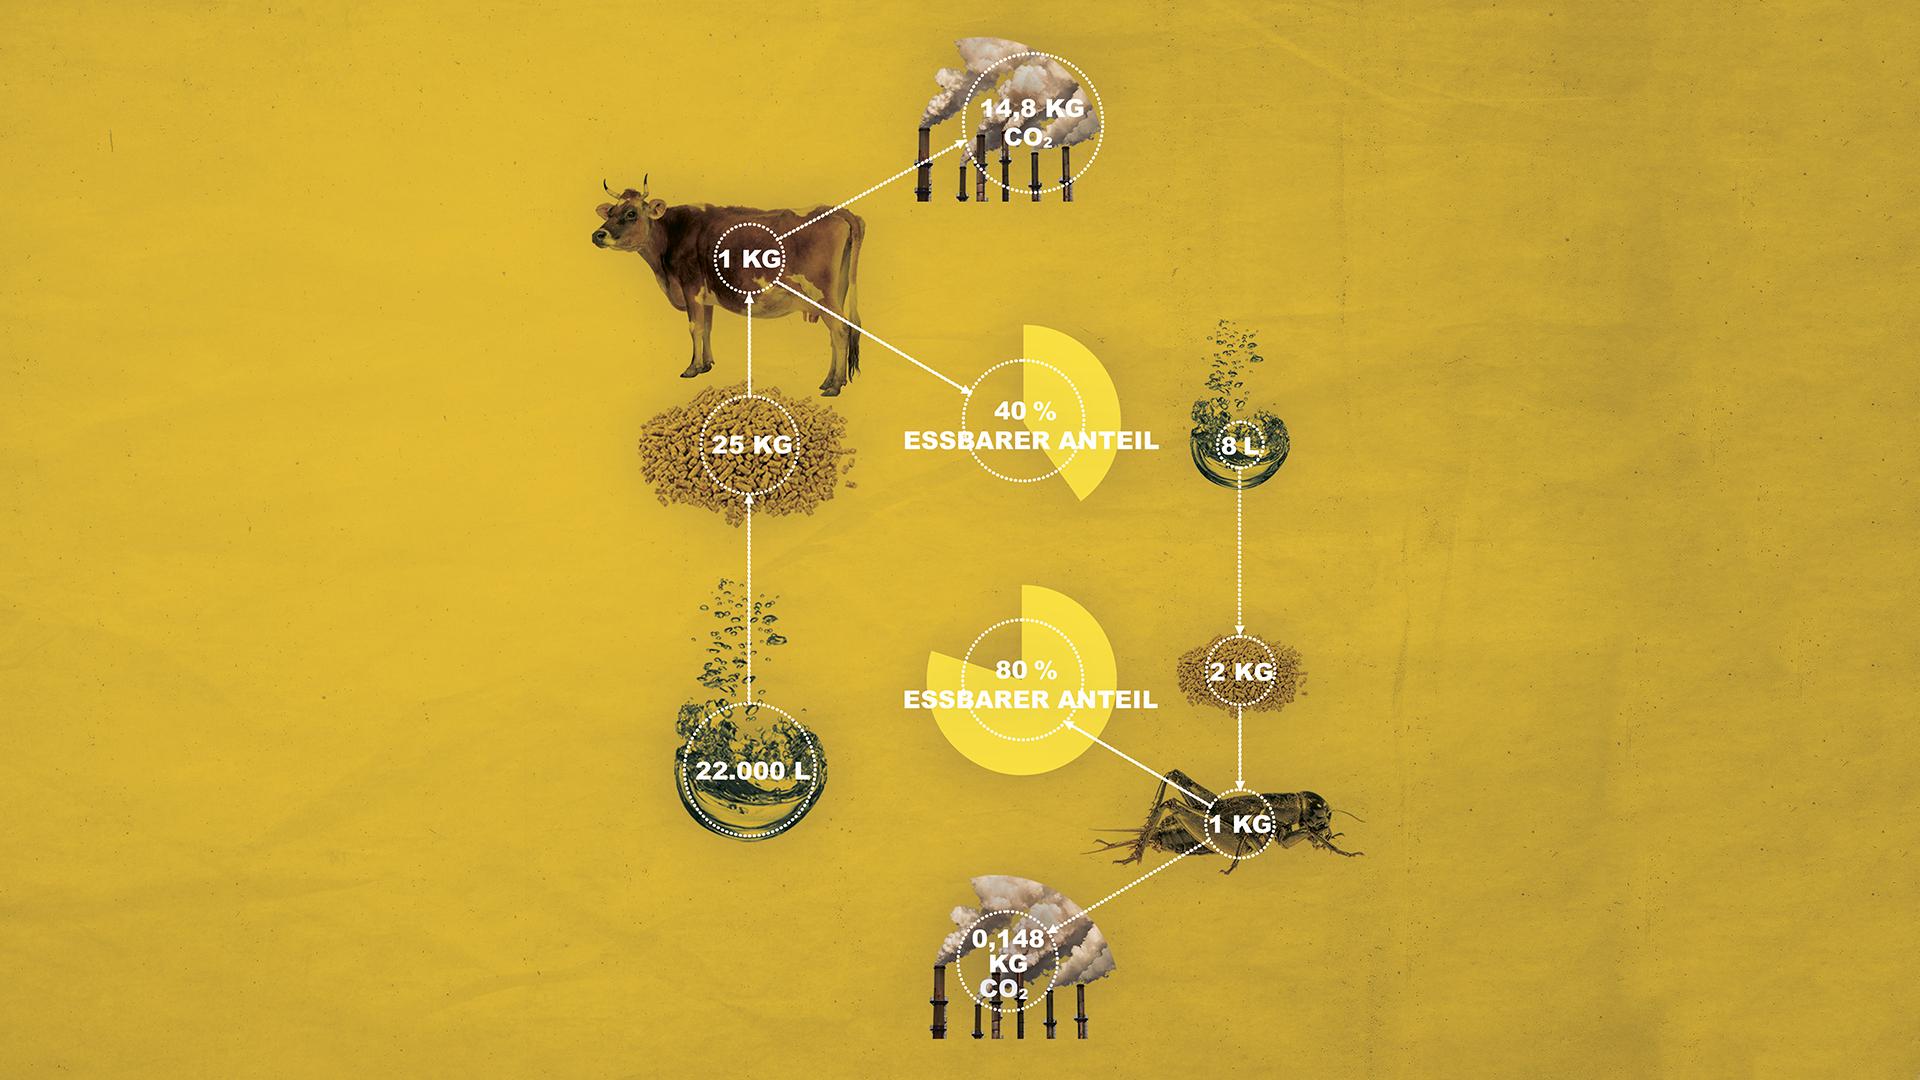 Informationsgrafik dass die Insektenzucht wirtschaftlich ist.